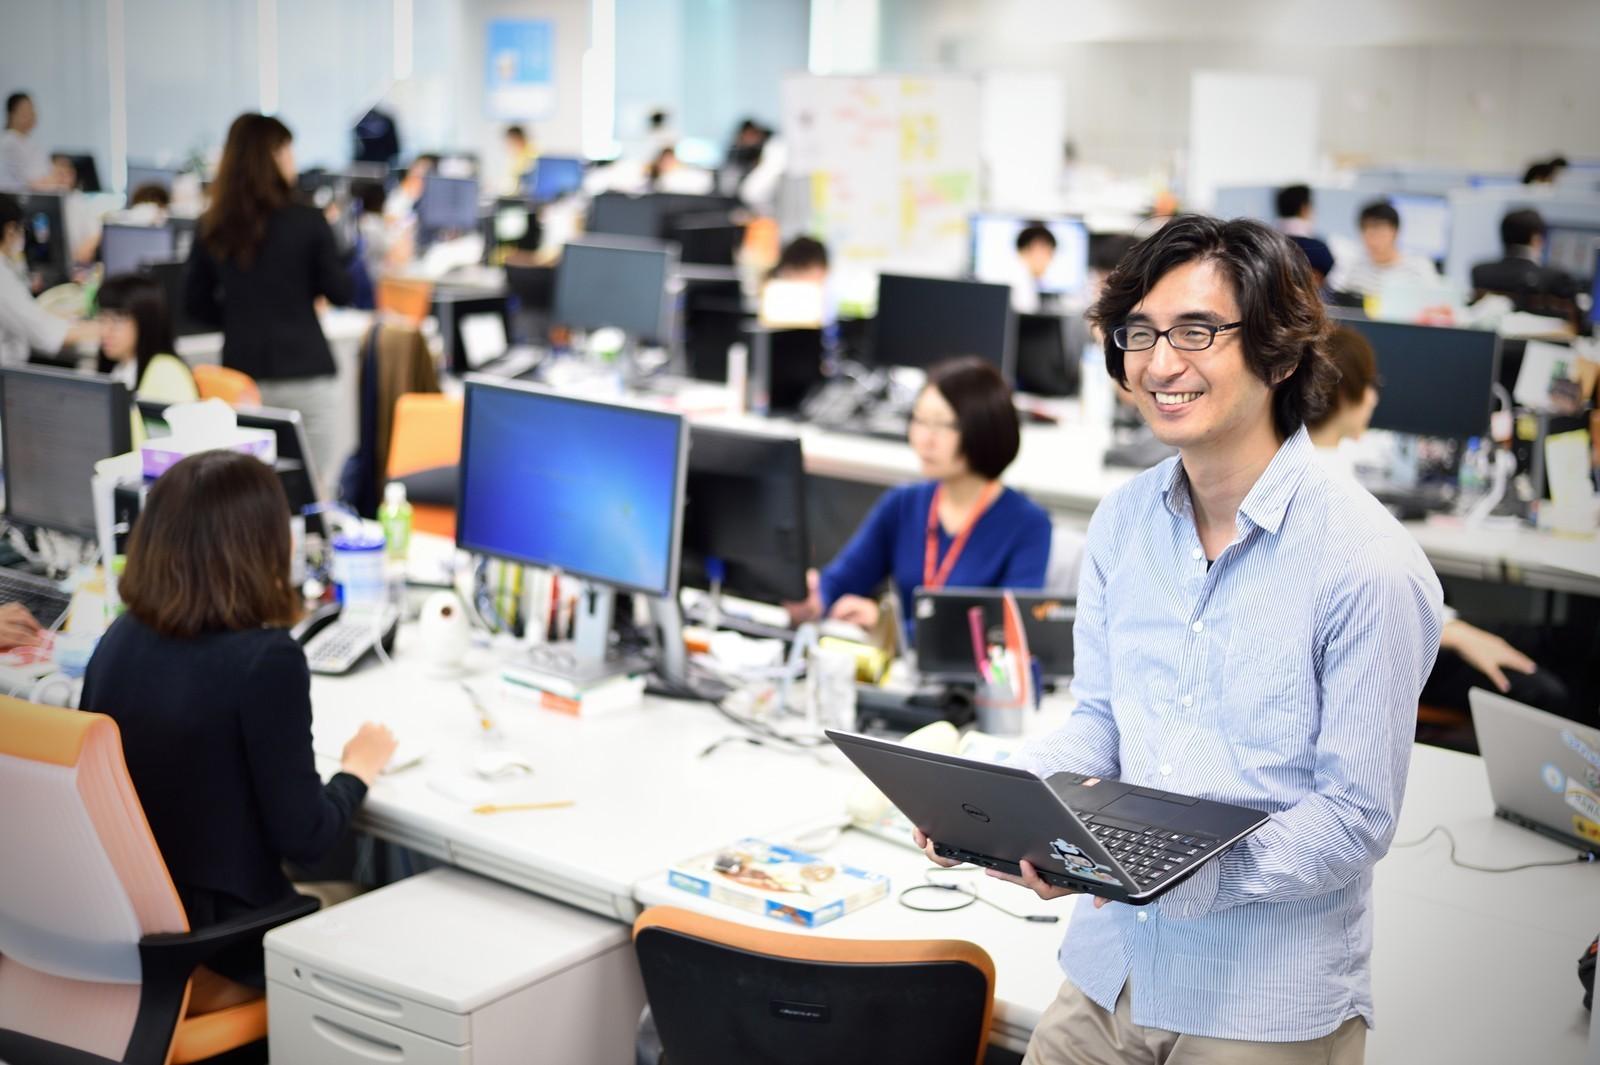 14万件超の求人を掲載するアルバイト情報サービス「バイトル」のプロジェクトマネージャーを募集!